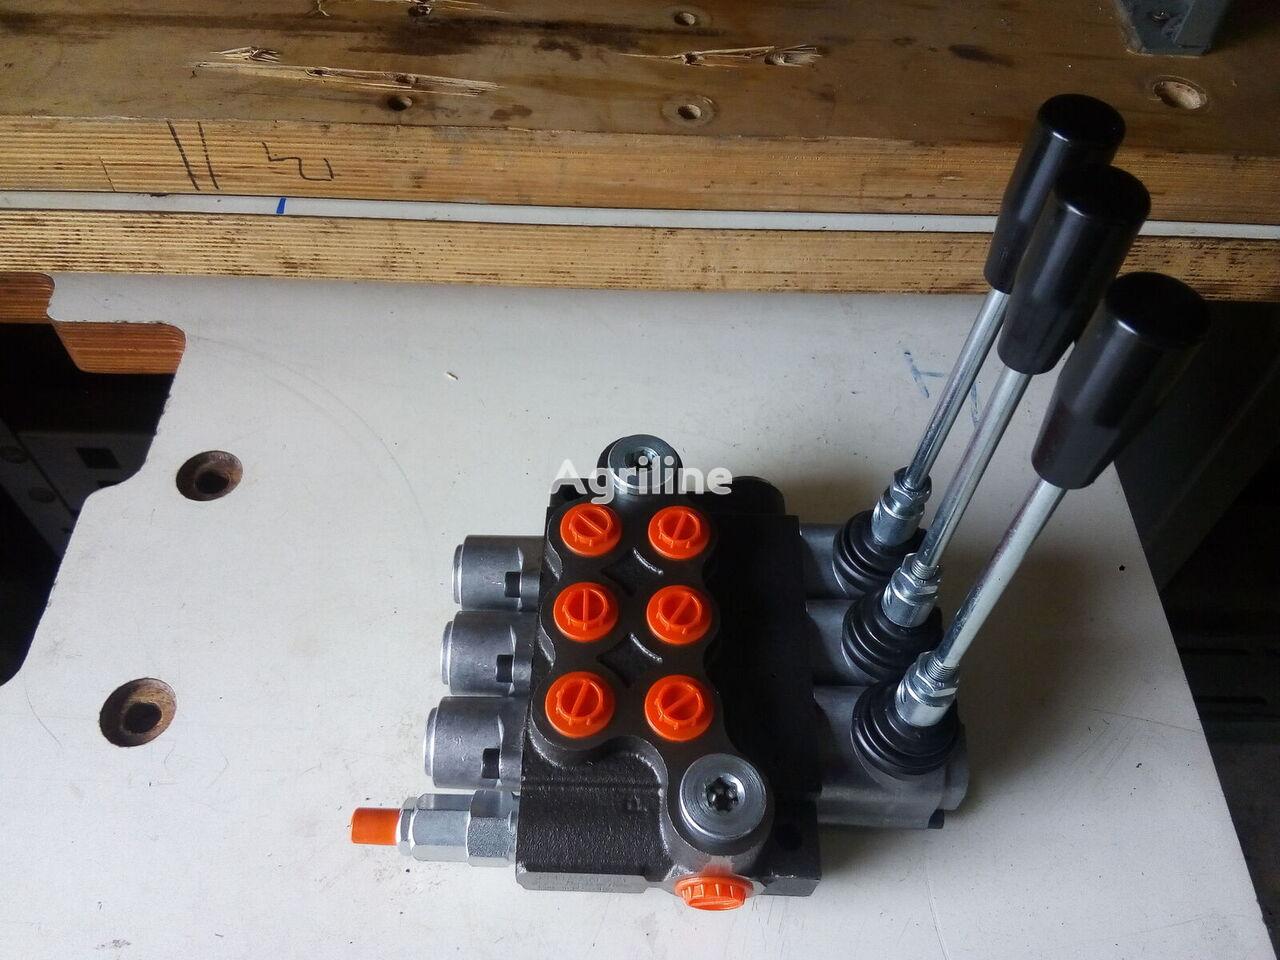 new 3r80 (3P80 1A1A1A1GKZ1) hydraulic distributor for YUMZ other farm equipment